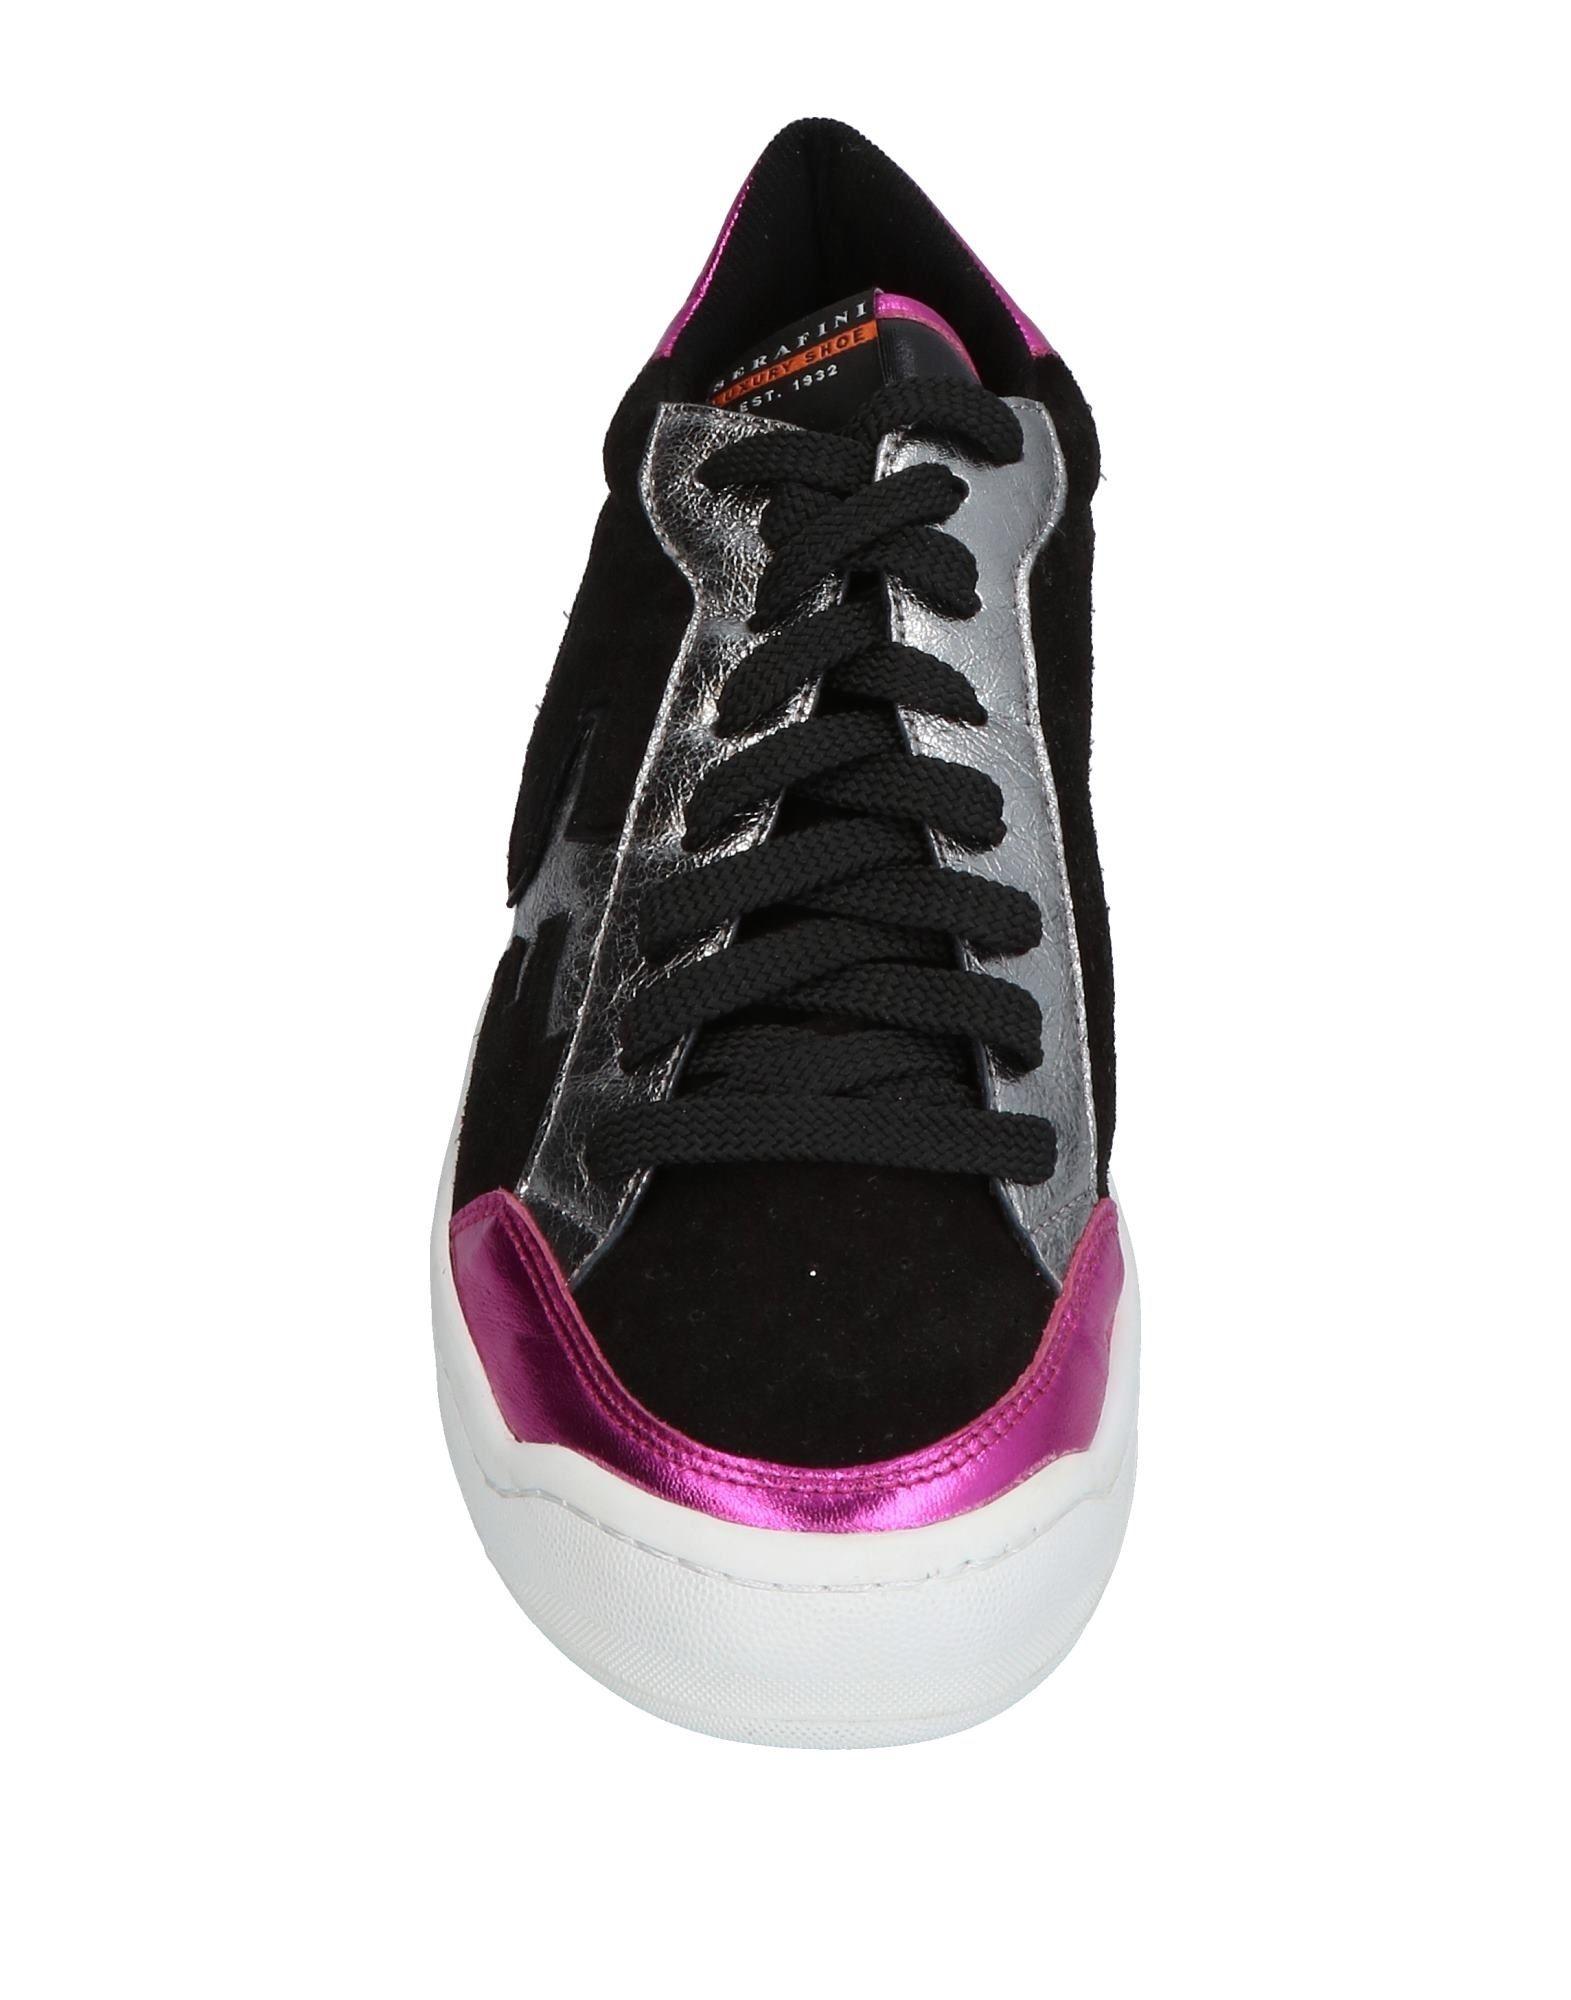 Serafini Serafini  Sneakers Damen  11322975LJ f82c26